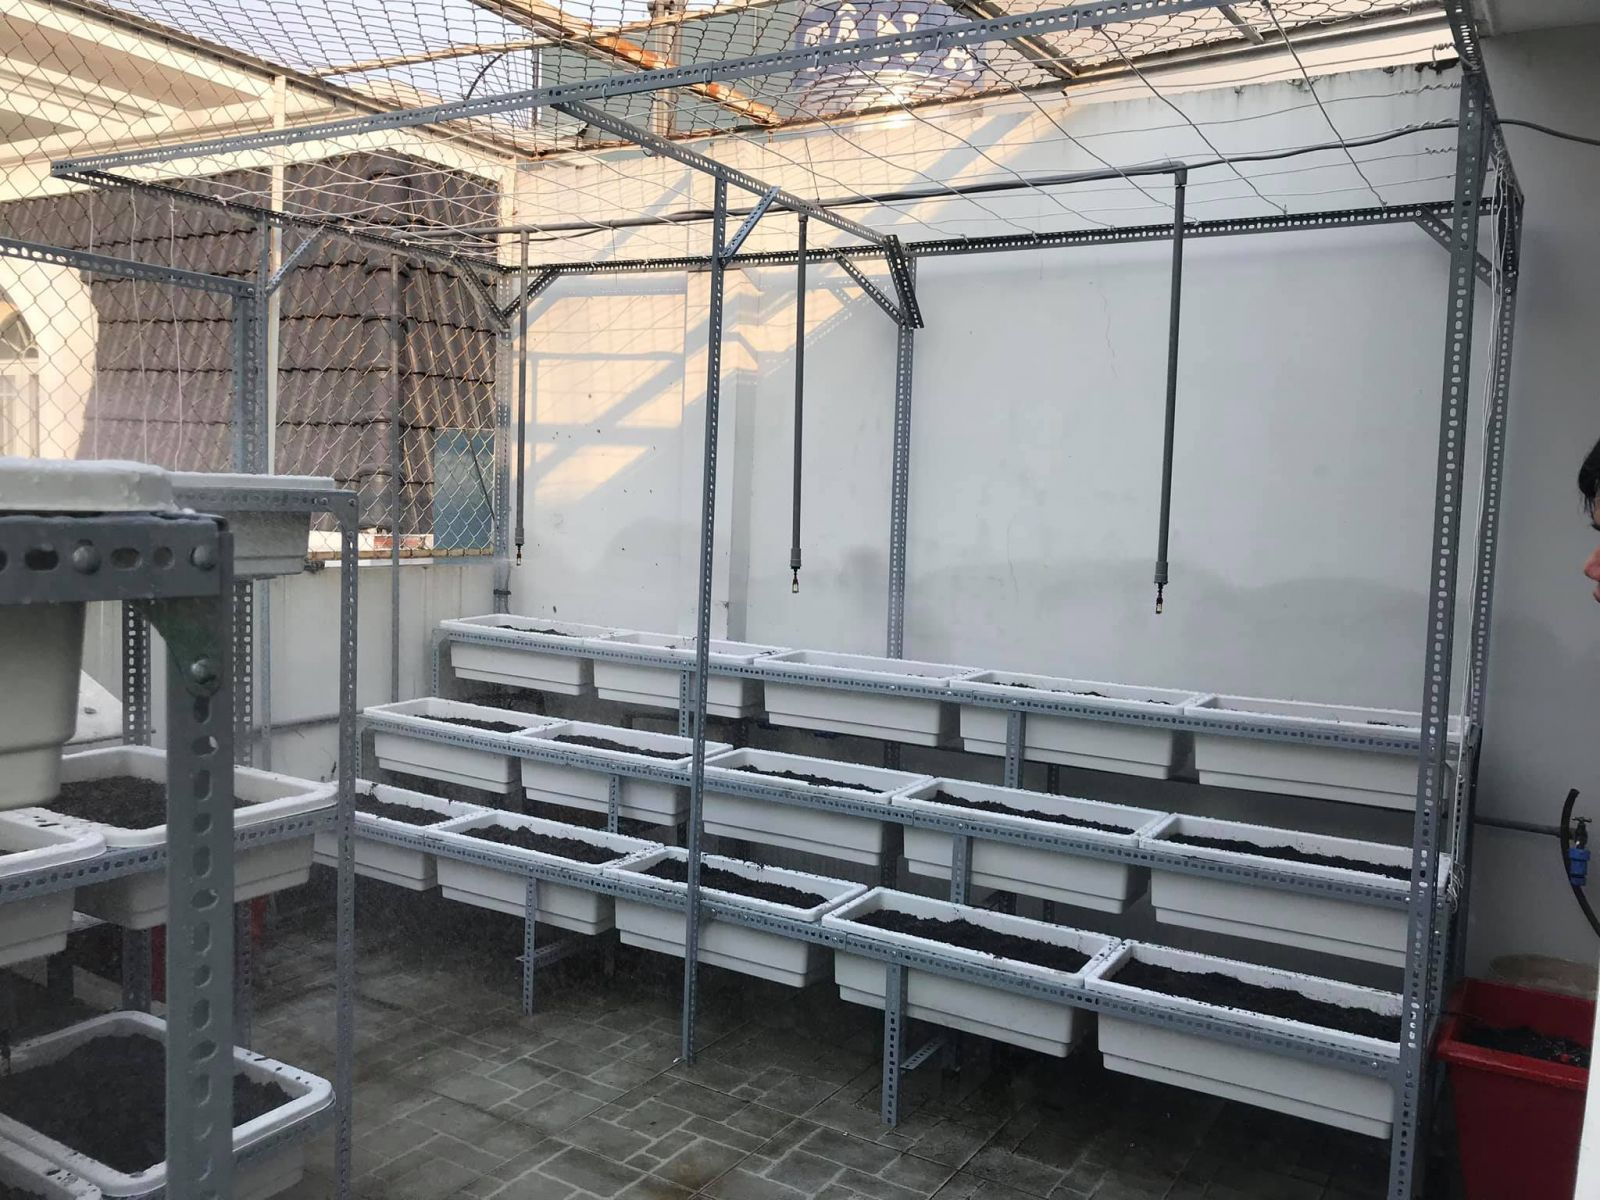 Quang Anh HCM chuyên thi công vườn rau sạch tại nhà bằng mô hình giàn trồng rau bằng sắt V lỗ